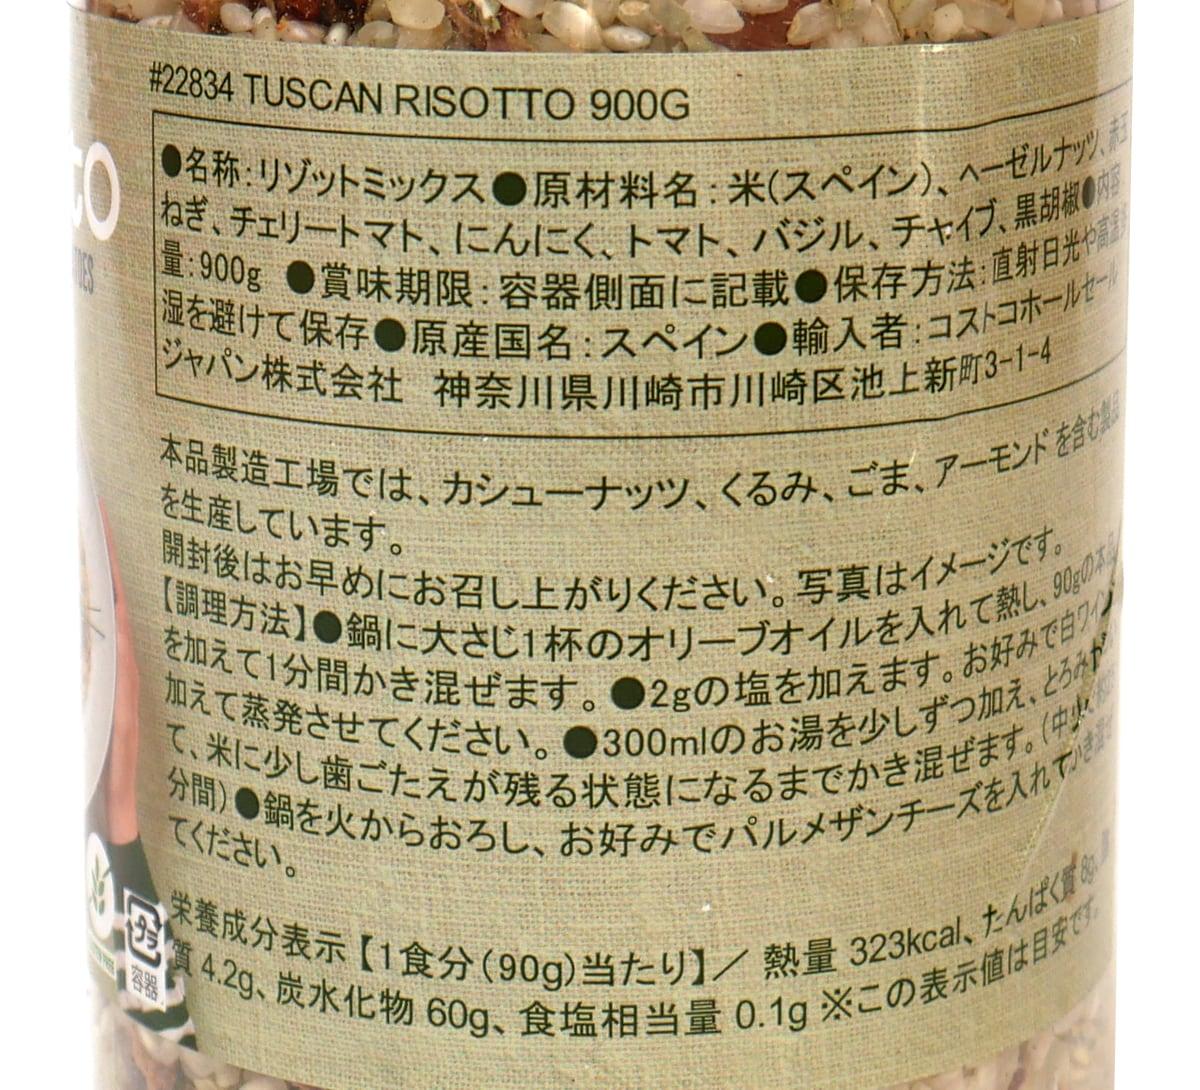 Trevijano タスカンリゾット  900g(リゾットミックス) 商品ラベル(原材料・カロリーほか)